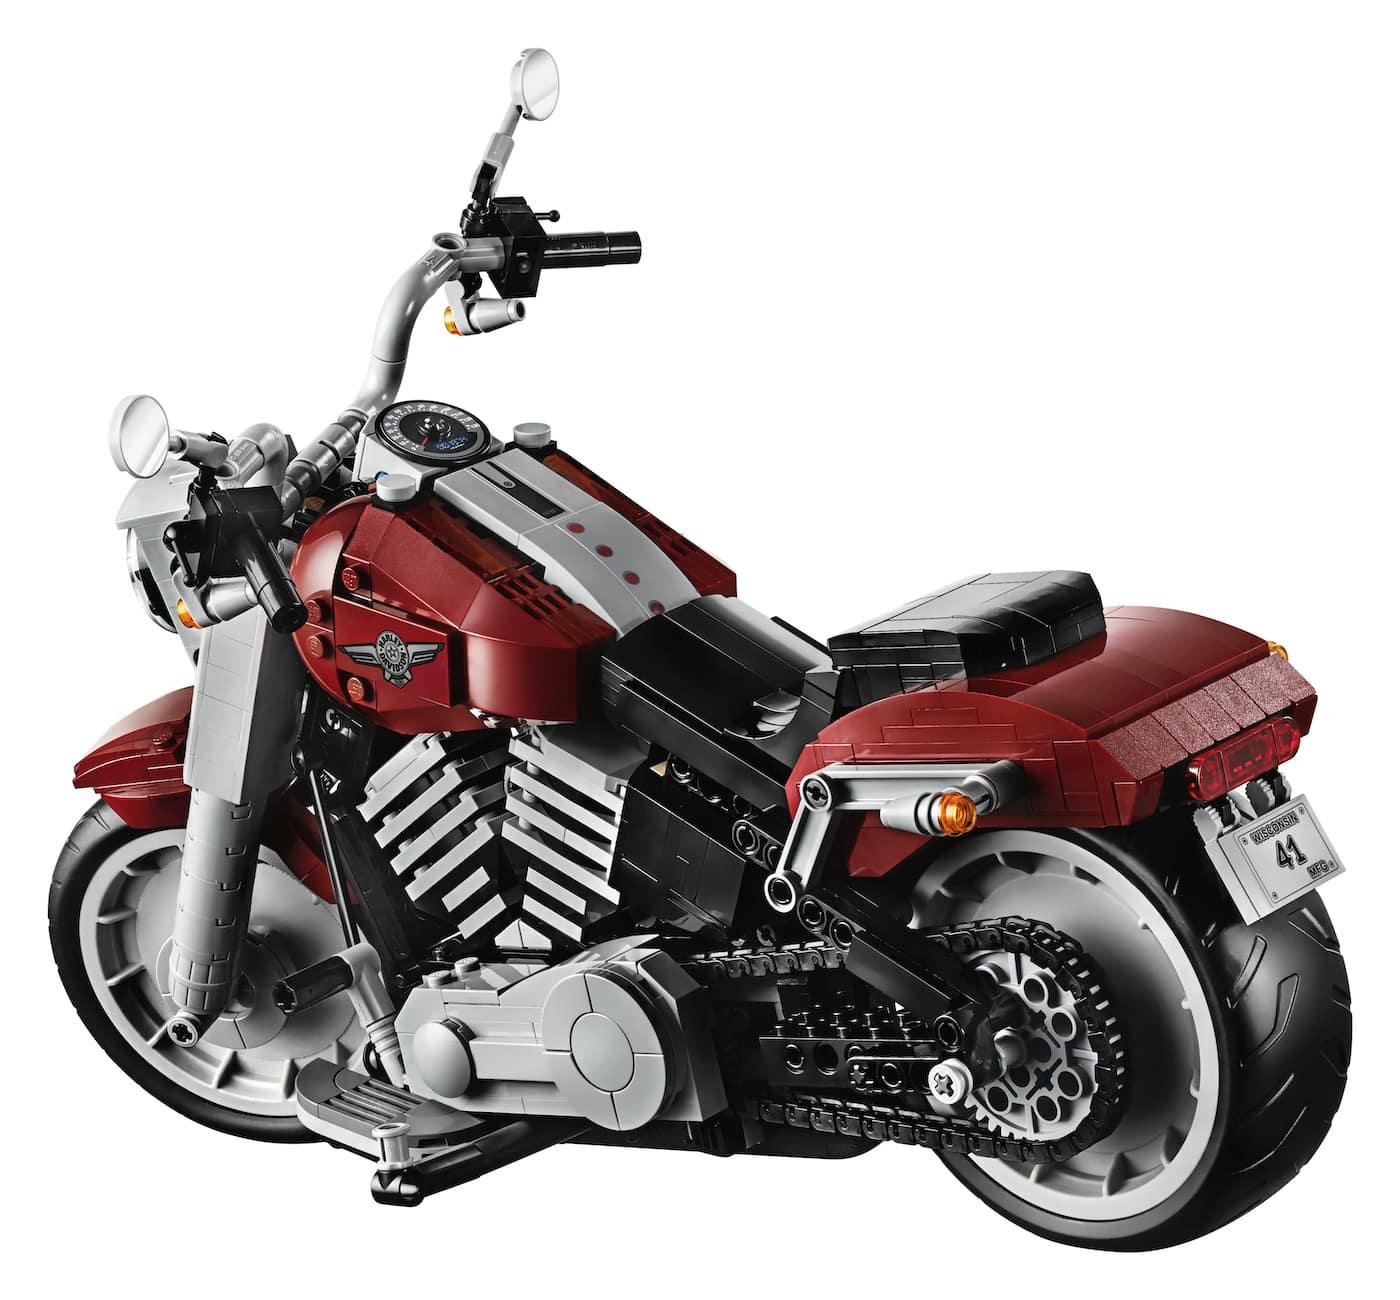 LEGO präsentiert ein neues Harley Davidson Replica Modell zum nachbauen 3